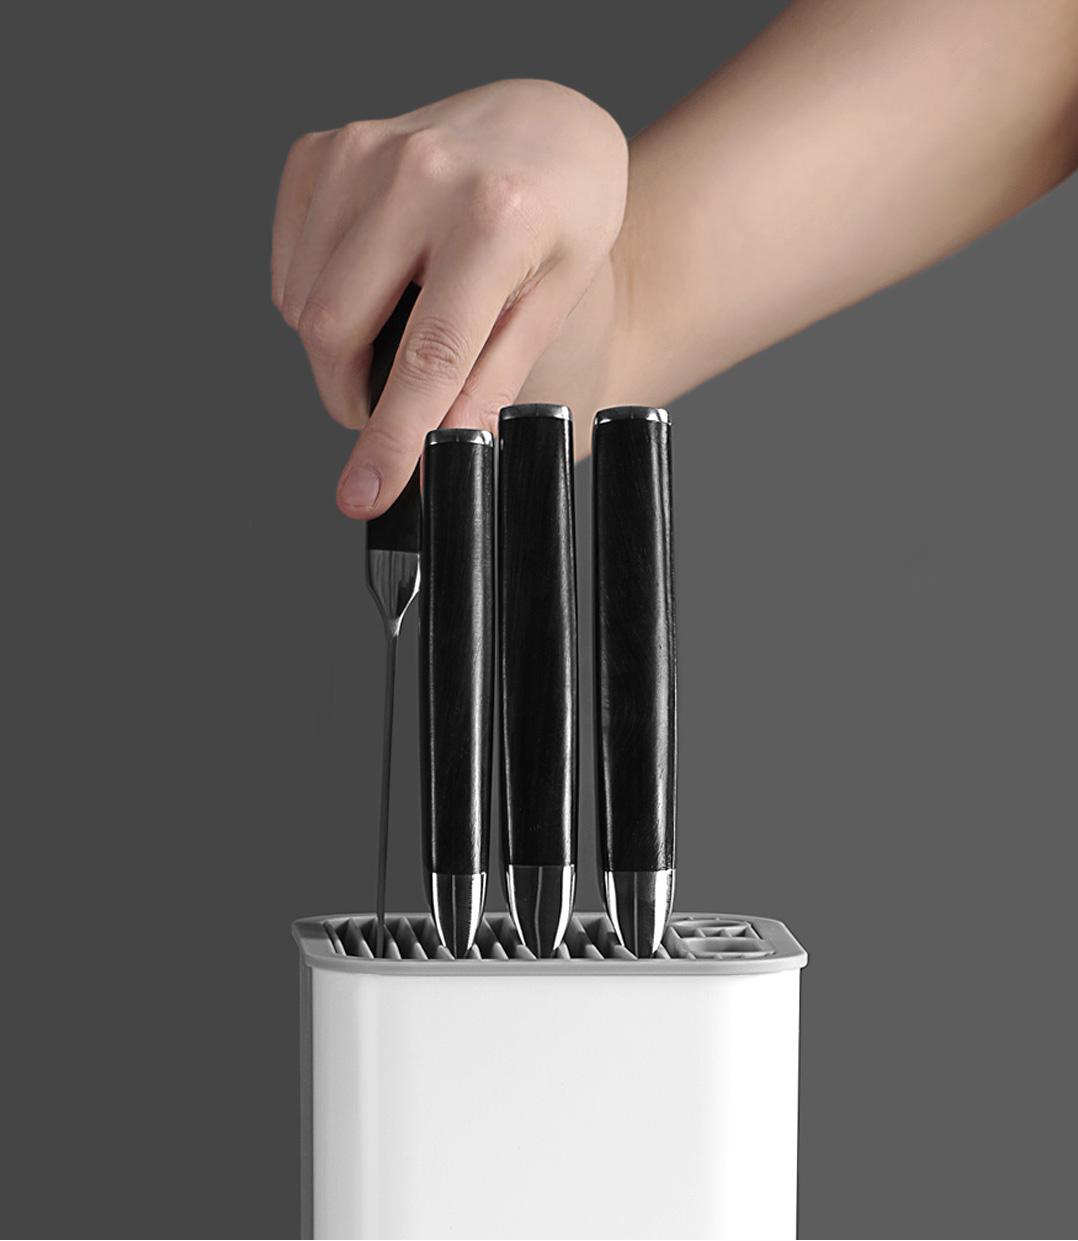 Xiaomi HuoHou Multi-Functional Kitchen Knife Block